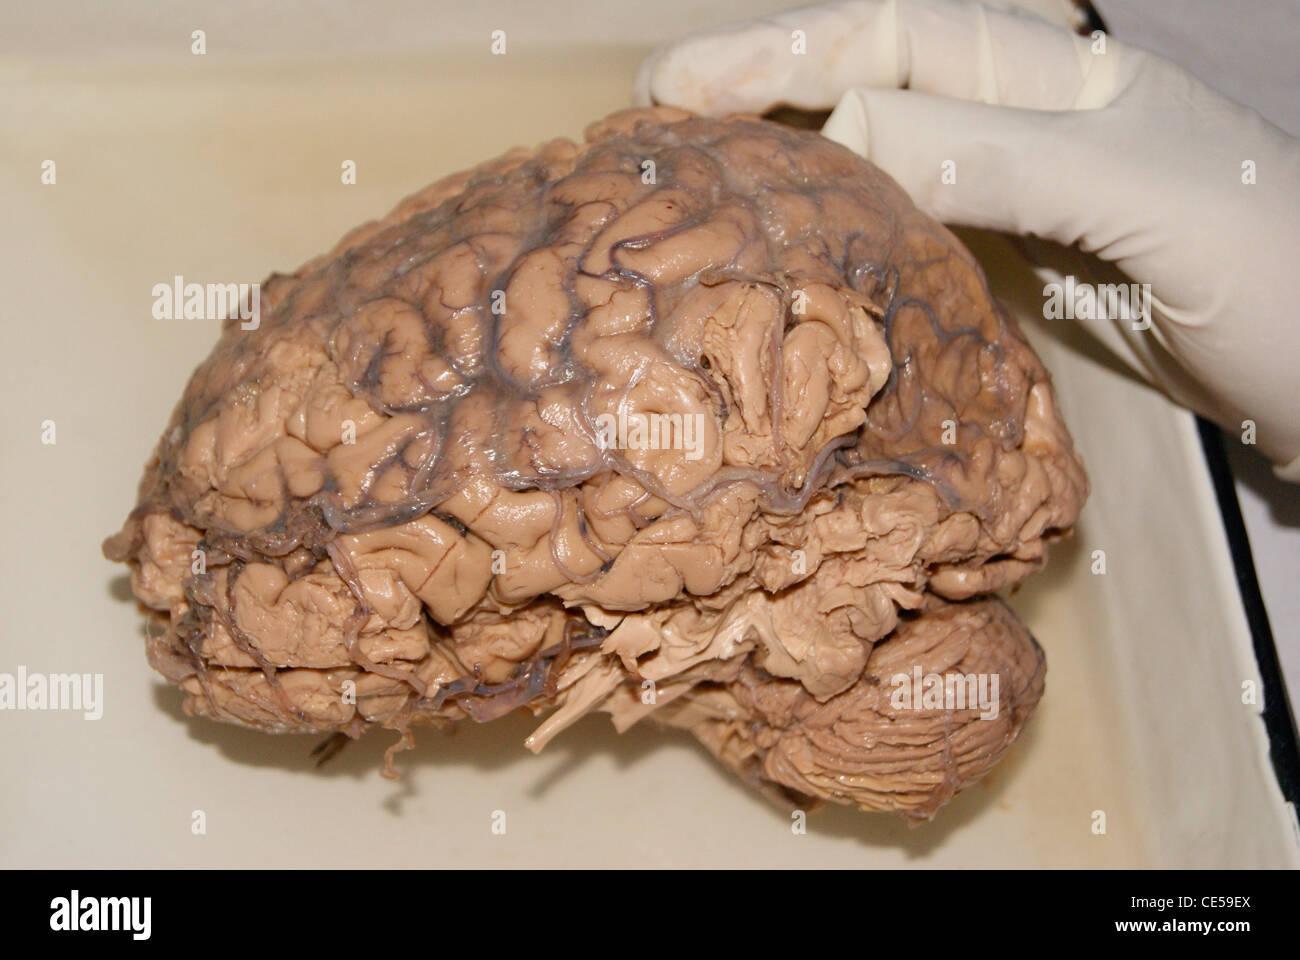 Cerebro Humano original examinando con la mano (con guantes) por los médicos. Imagen De Stock